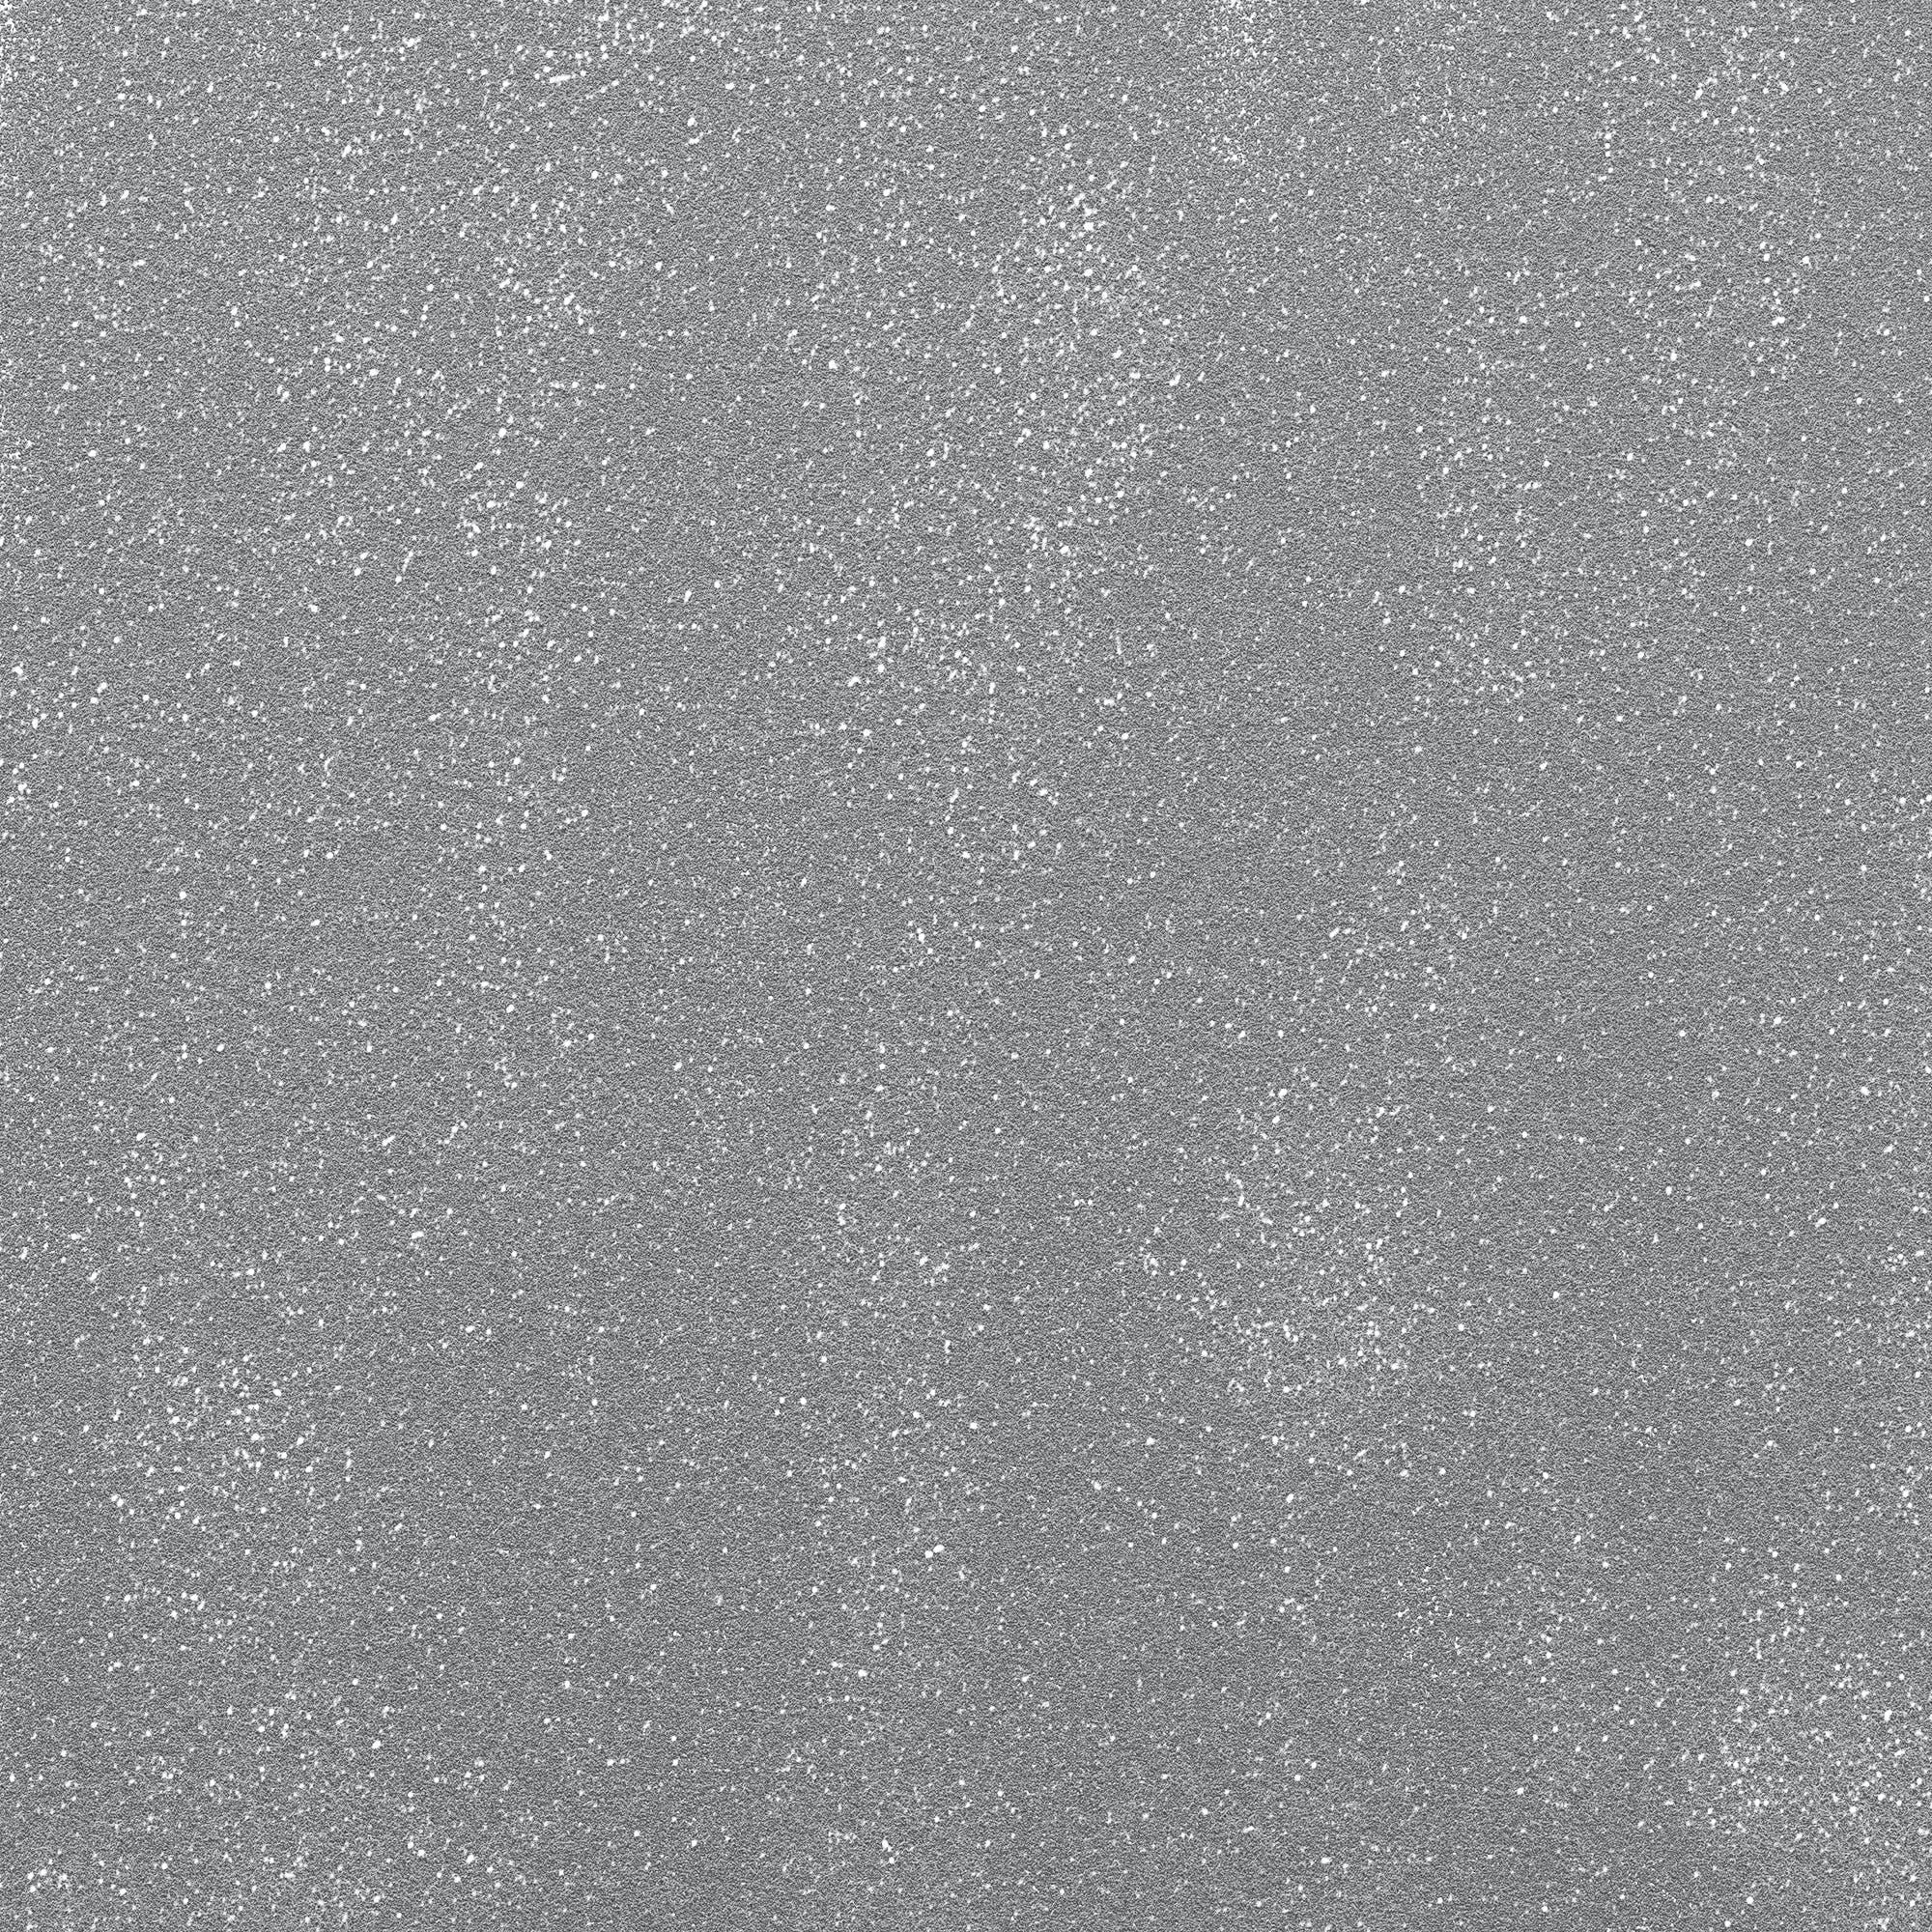 Kostenloses Stock Foto zu mauer, oberfläche, rau, schwarz und weiß